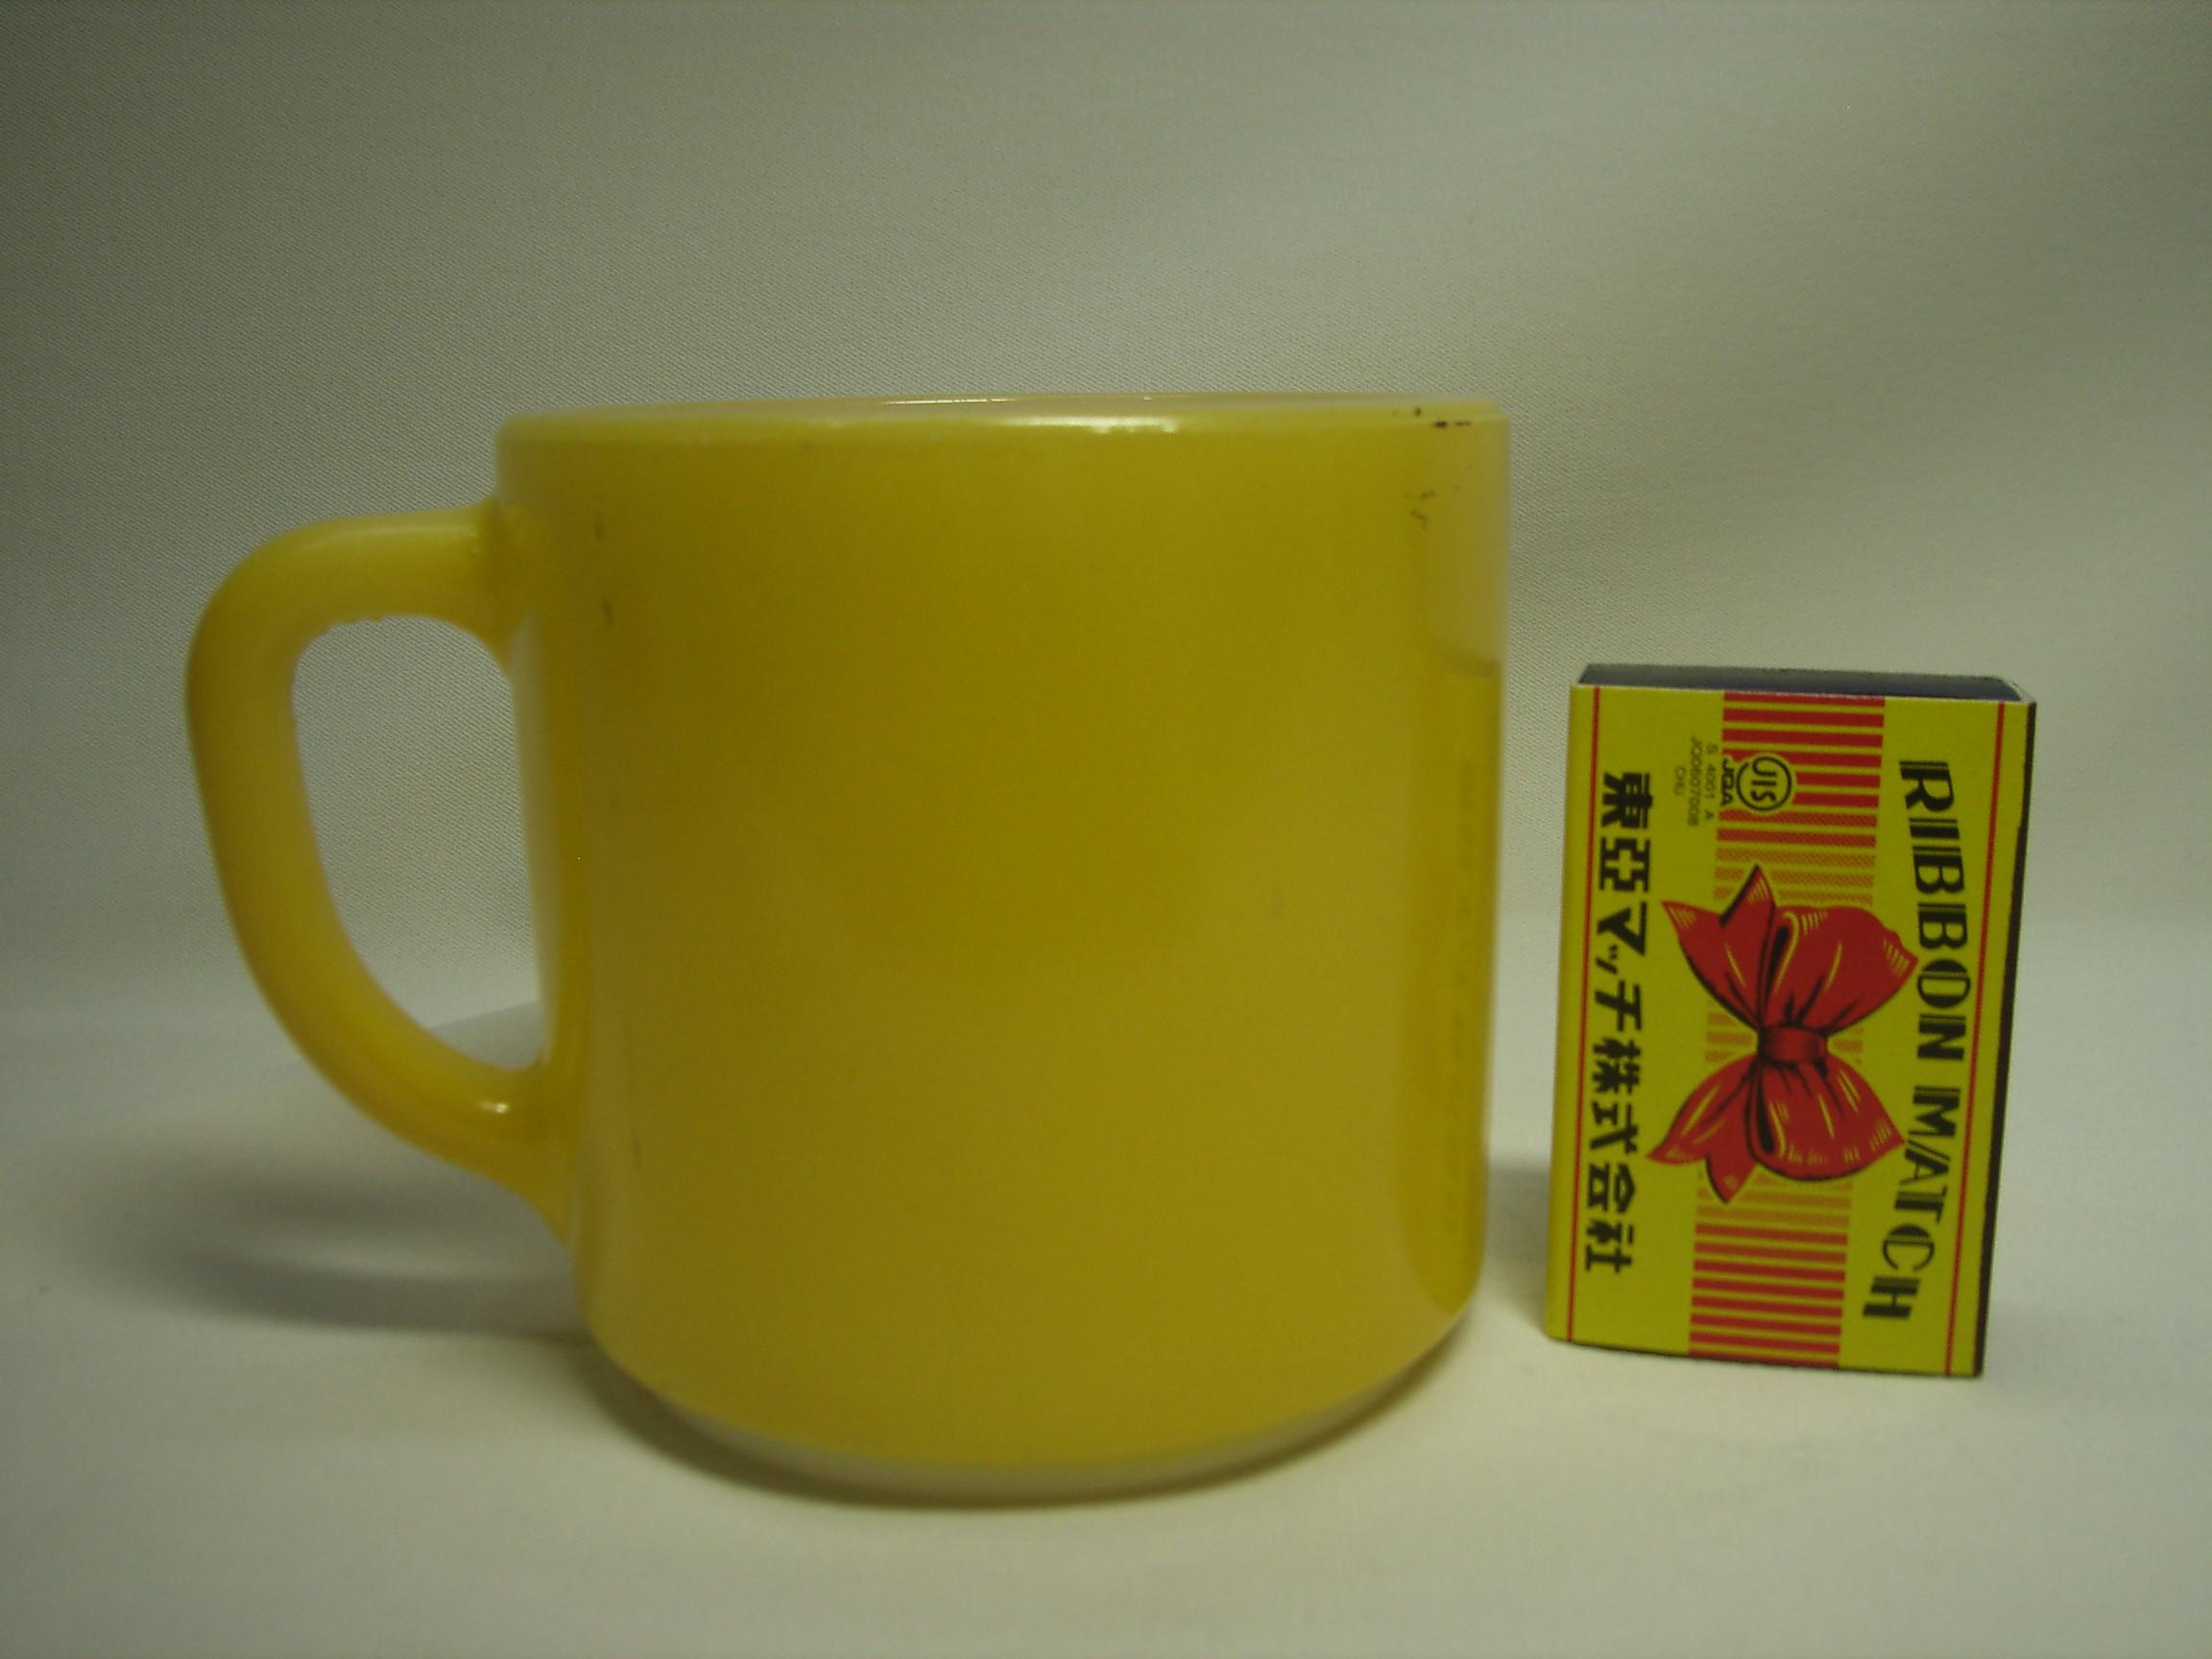 フェデラルグラス 黄色 Dハンドルマグカップ USA 現状 【AW2034】